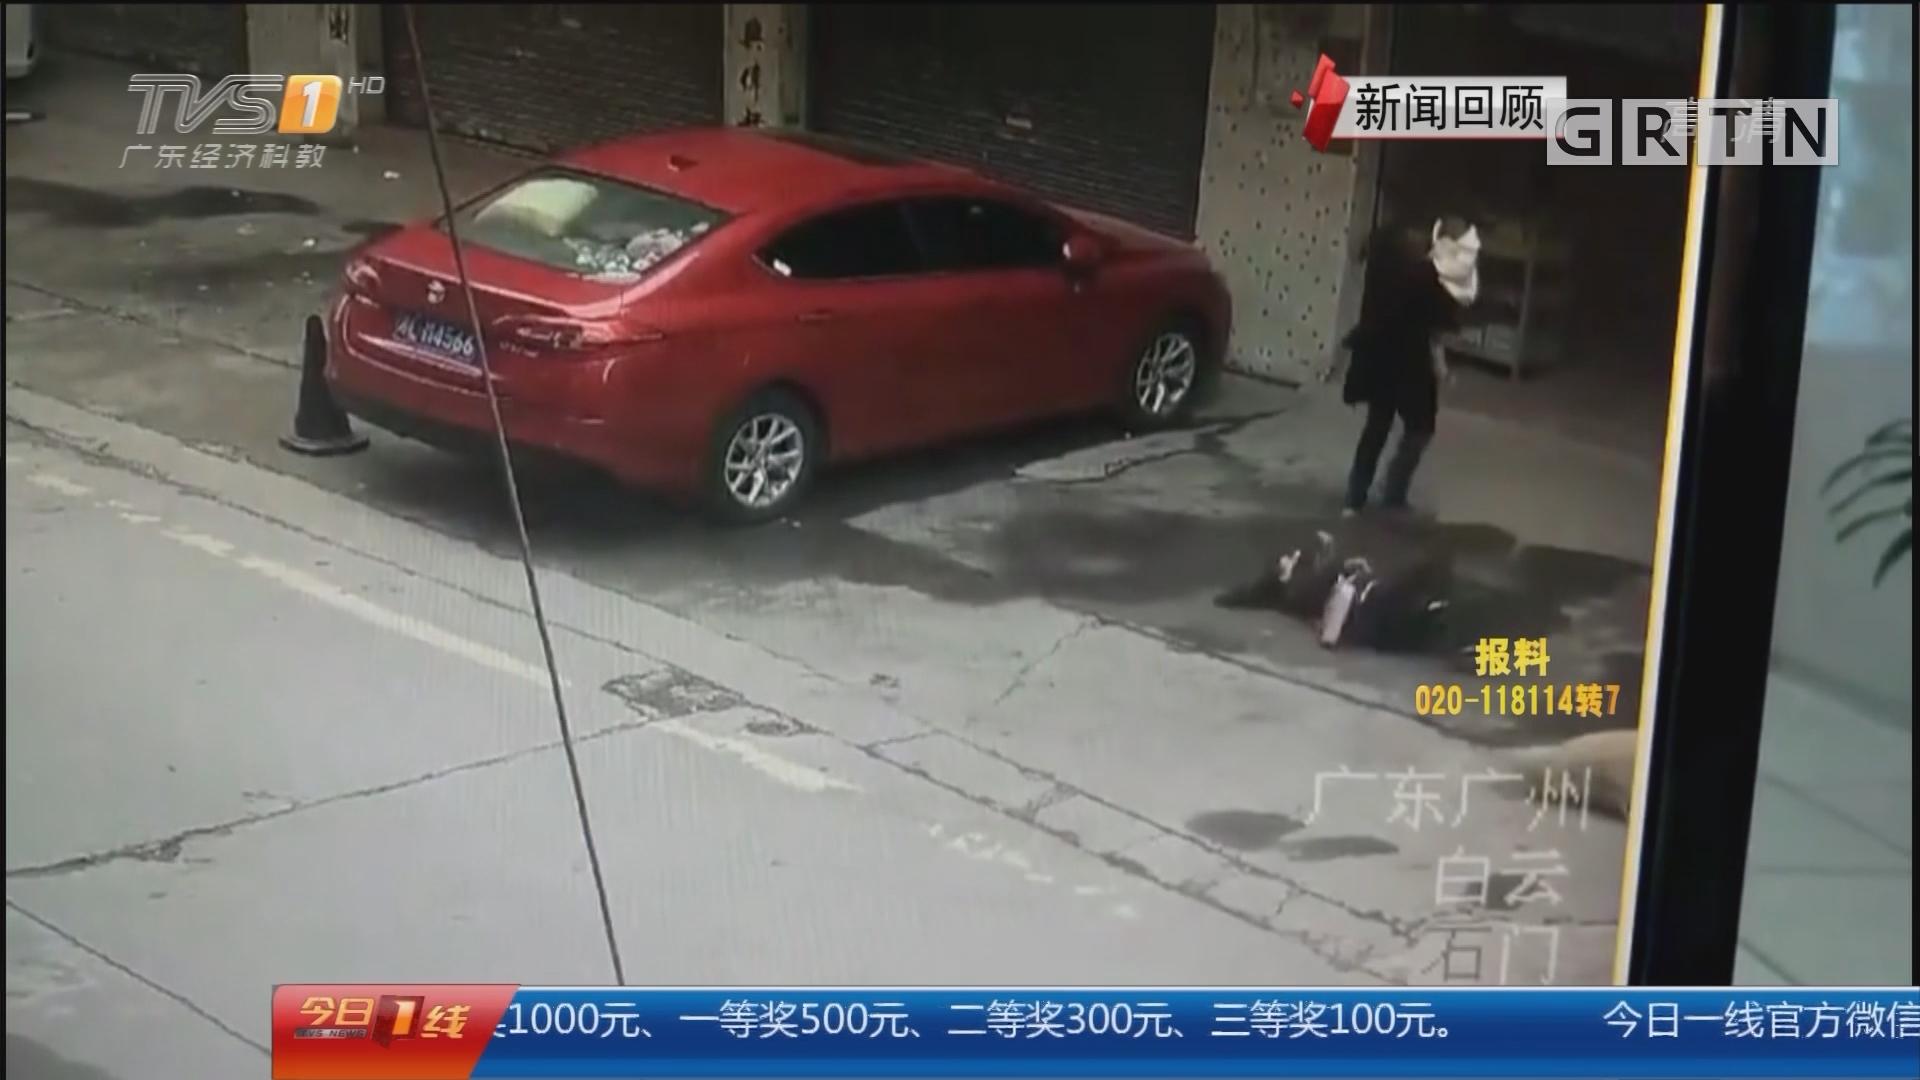 """""""狗从天降""""新闻追踪:广州 被天降大狗砸中 女子重伤昏迷第10天"""